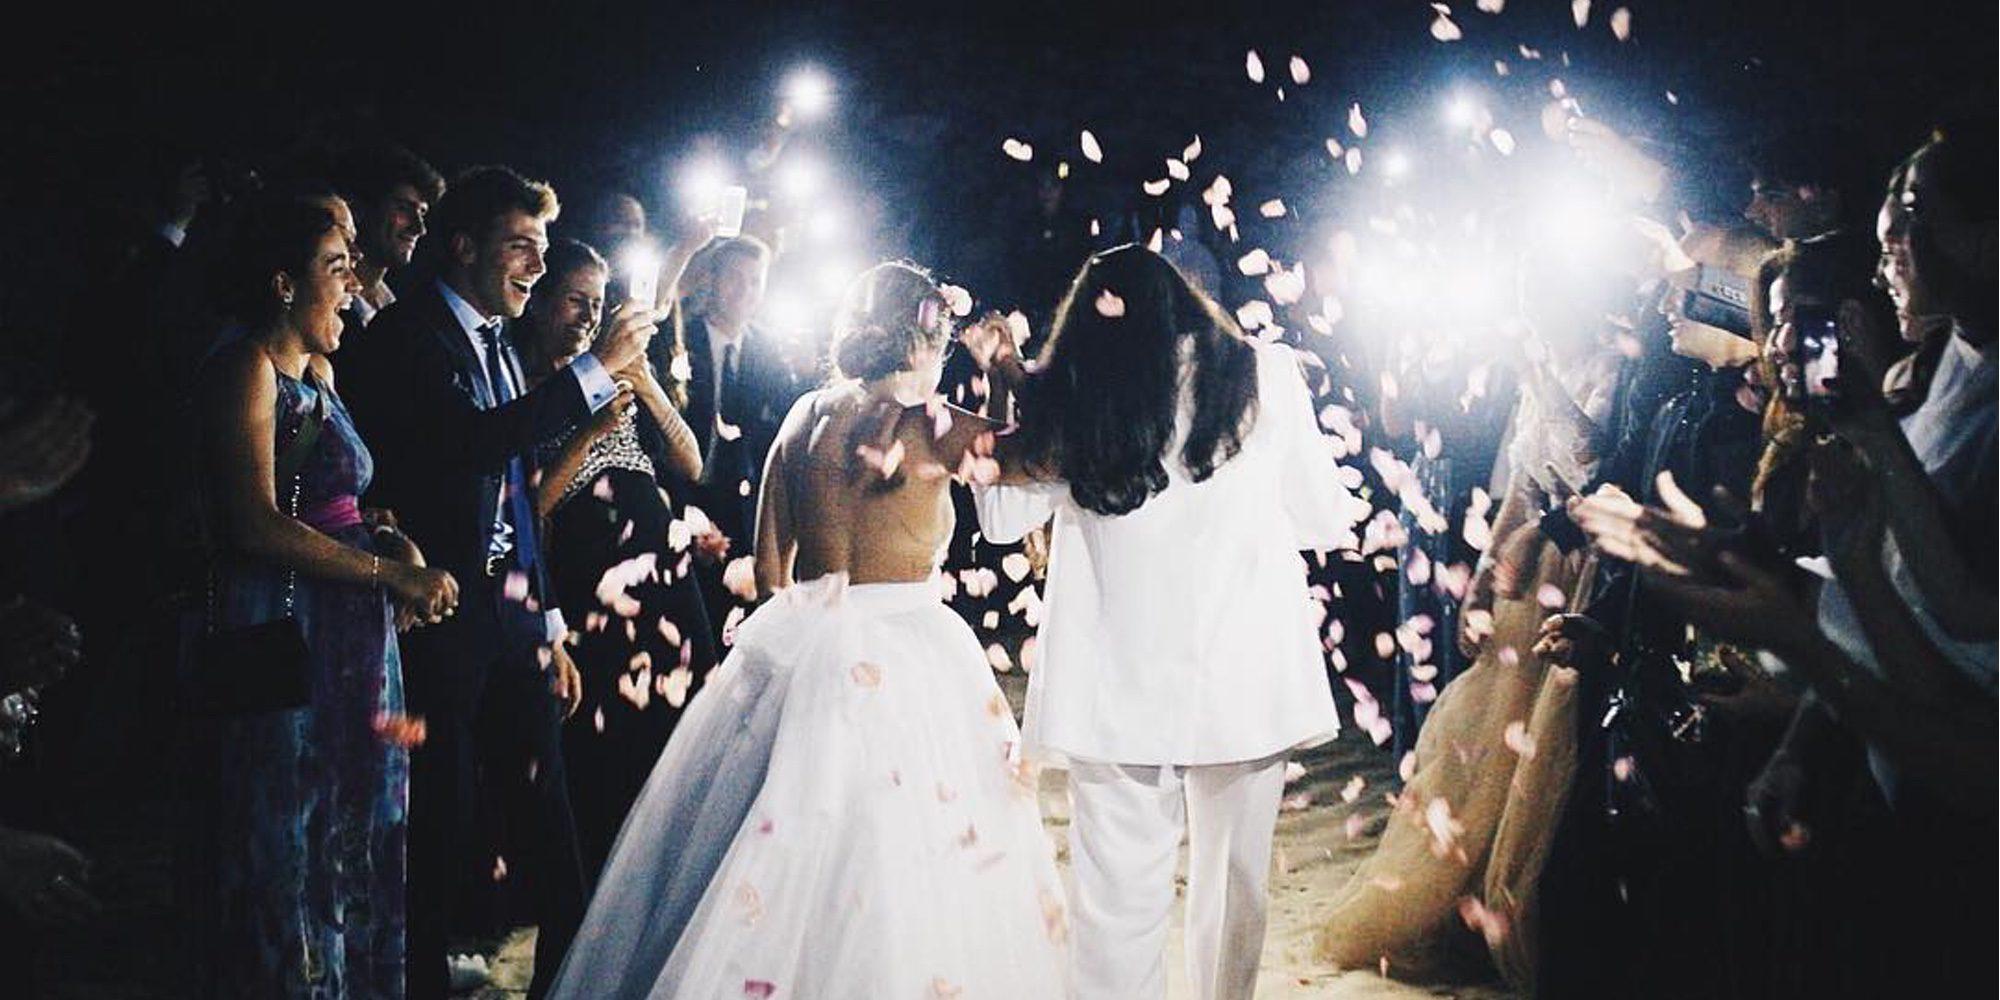 Dulceida y su novia Alba se han dado el 'sí, quiero' en una romántica boda frente al mar